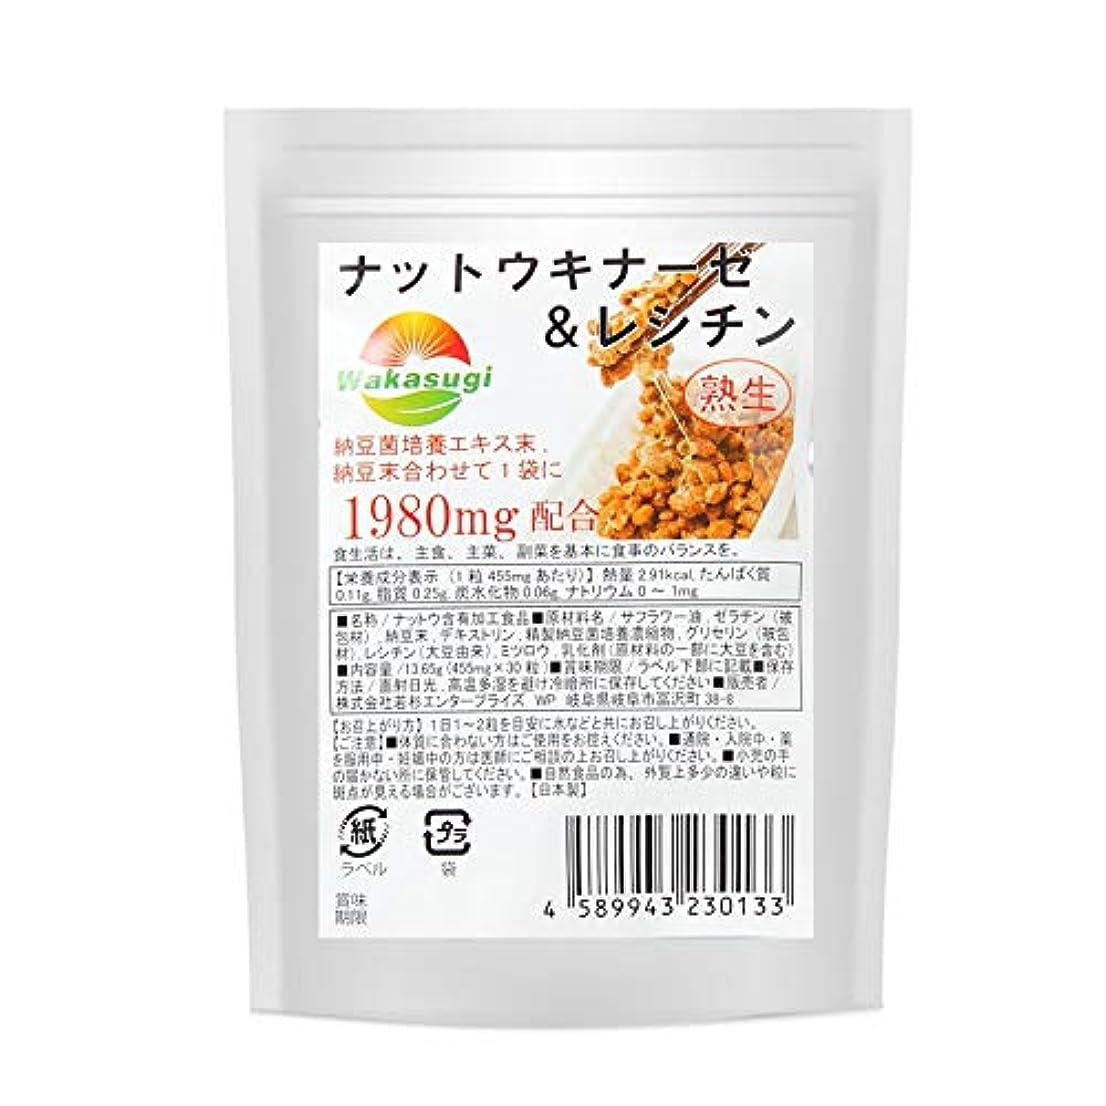 にはまって彼女はとにかく超熟 納豆サプリメント 30粒 生ナットウキナーゼ&レシチン ソフトカプセルタイプ